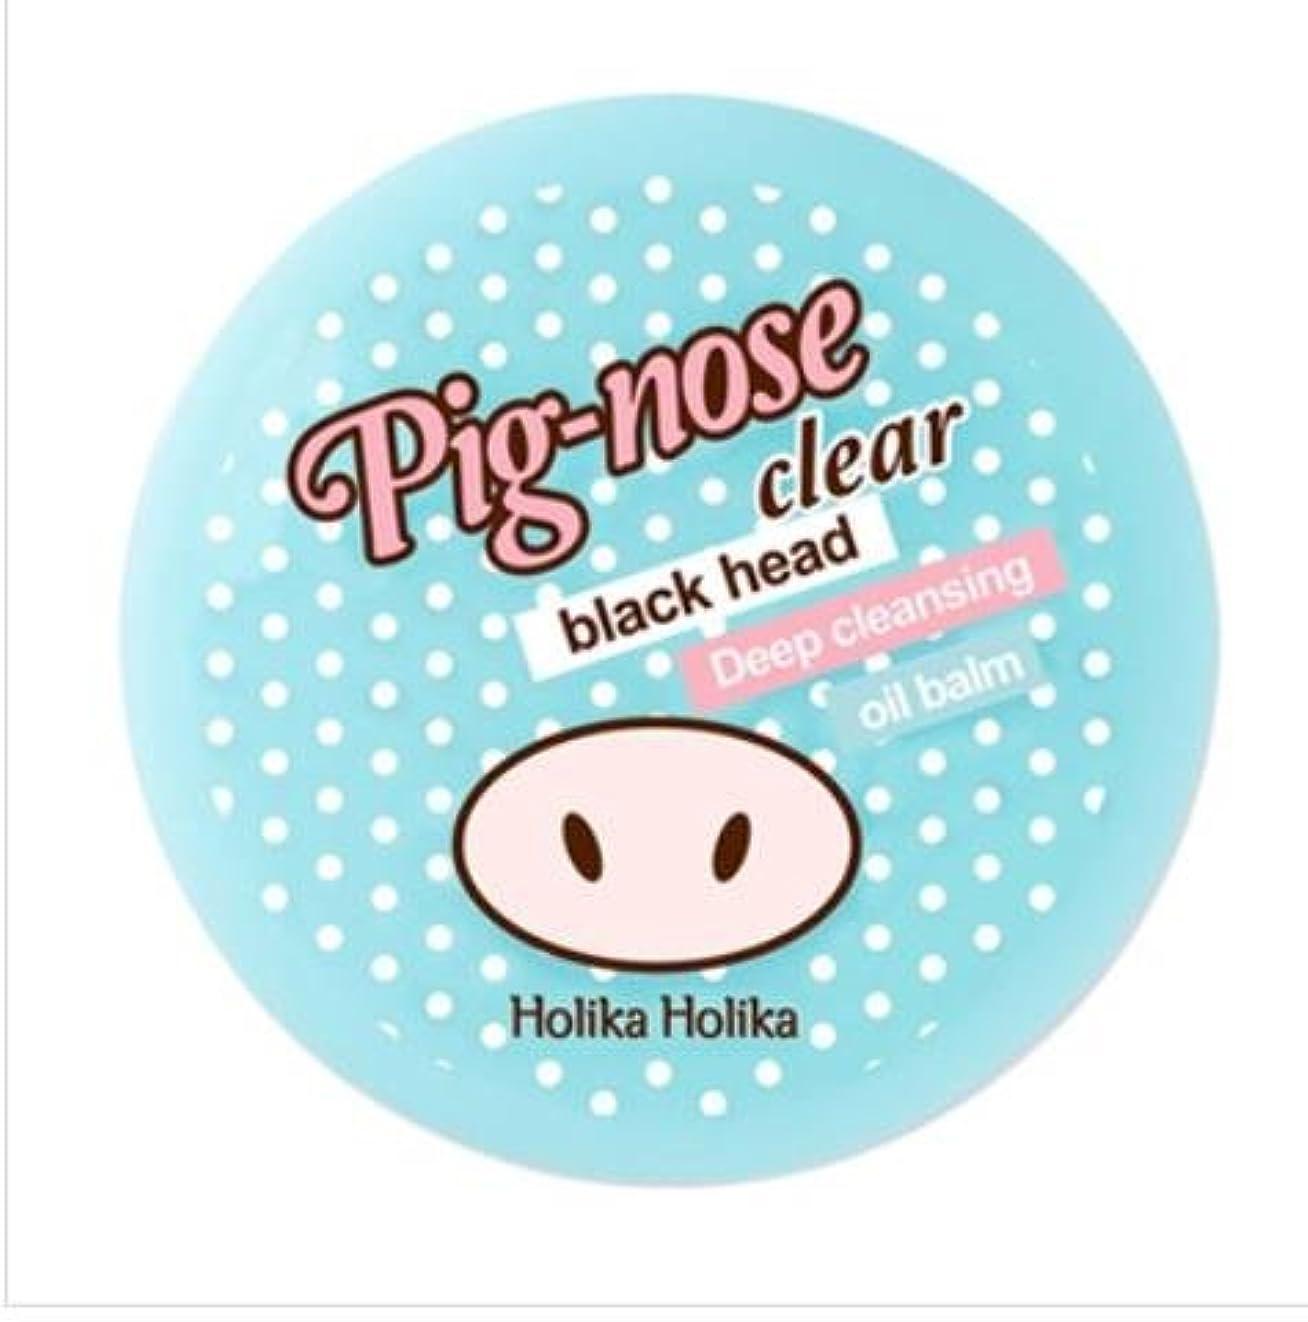 弱いアクセス修復[ホリカホリカ] Holika Holika [Pig Nose Clear Black Head Deep Cleansing Oil Balm] (ピッグノーズクリア ブラックヘッド ディープクレンジング オイルバーム...